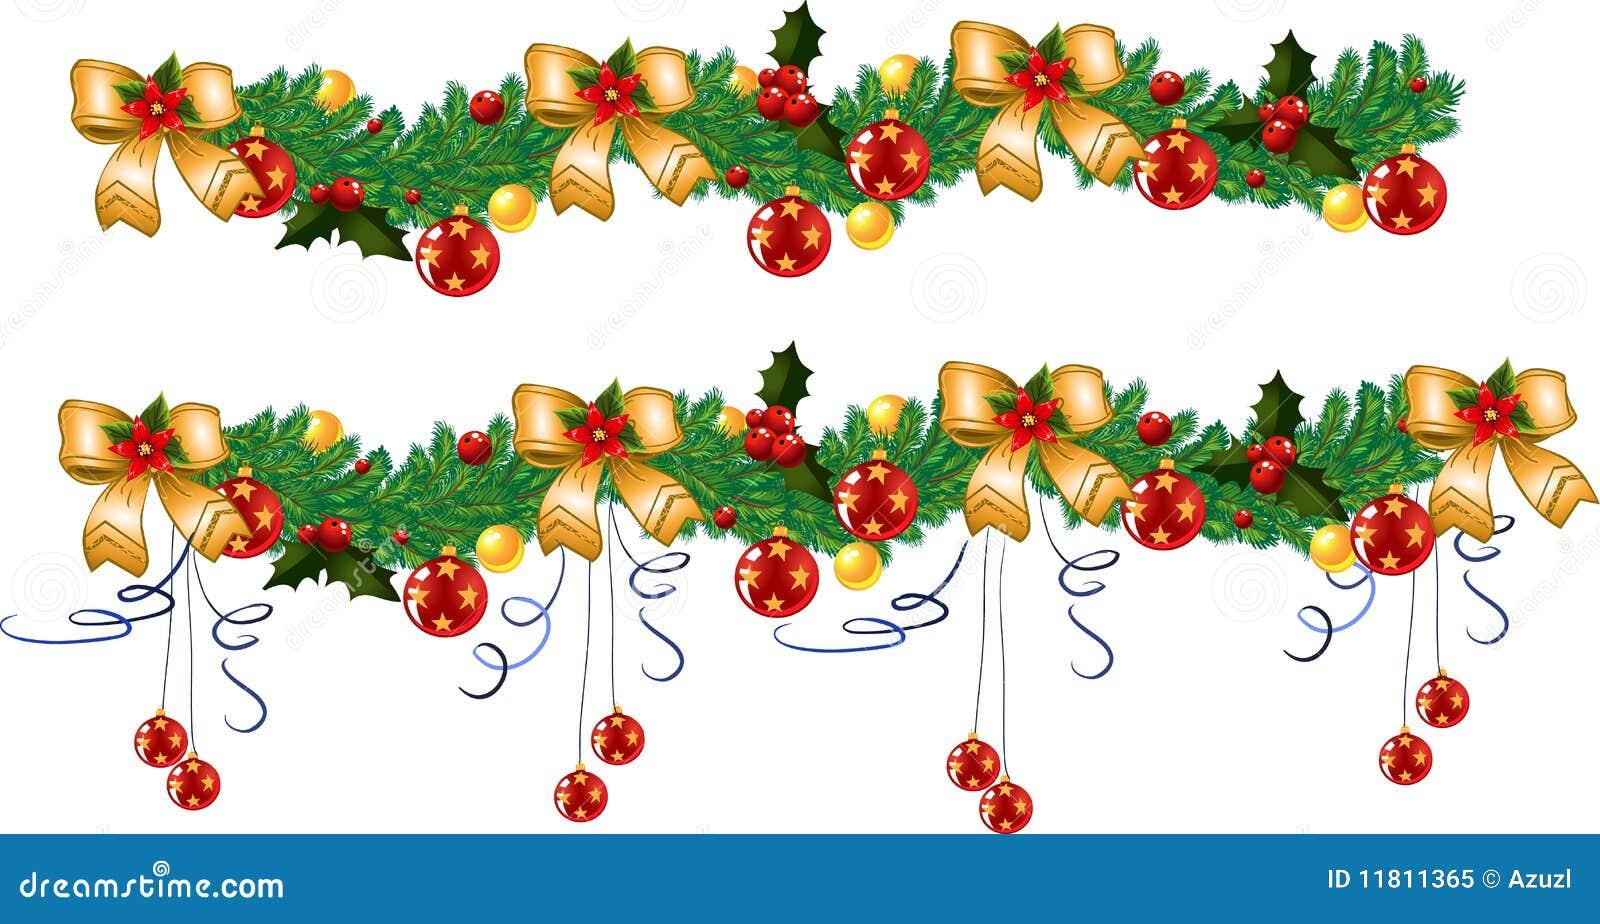 guirnalda de la navidad vector - Guirnalda De Navidad